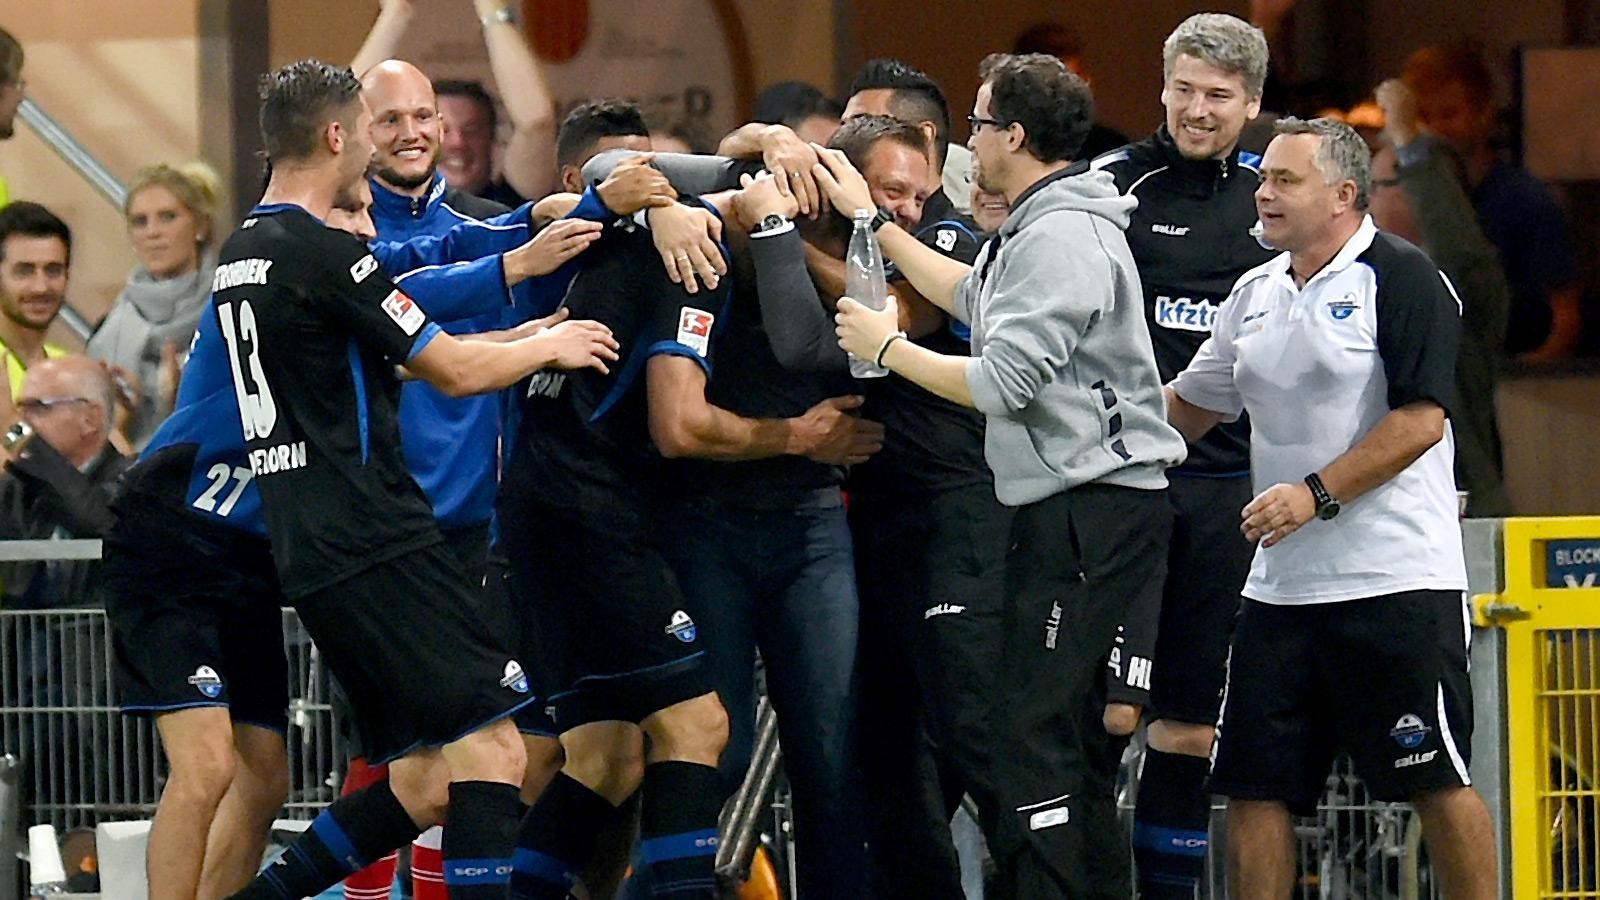 Paderborn are still scoring ridiculous goals in the Bundesliga